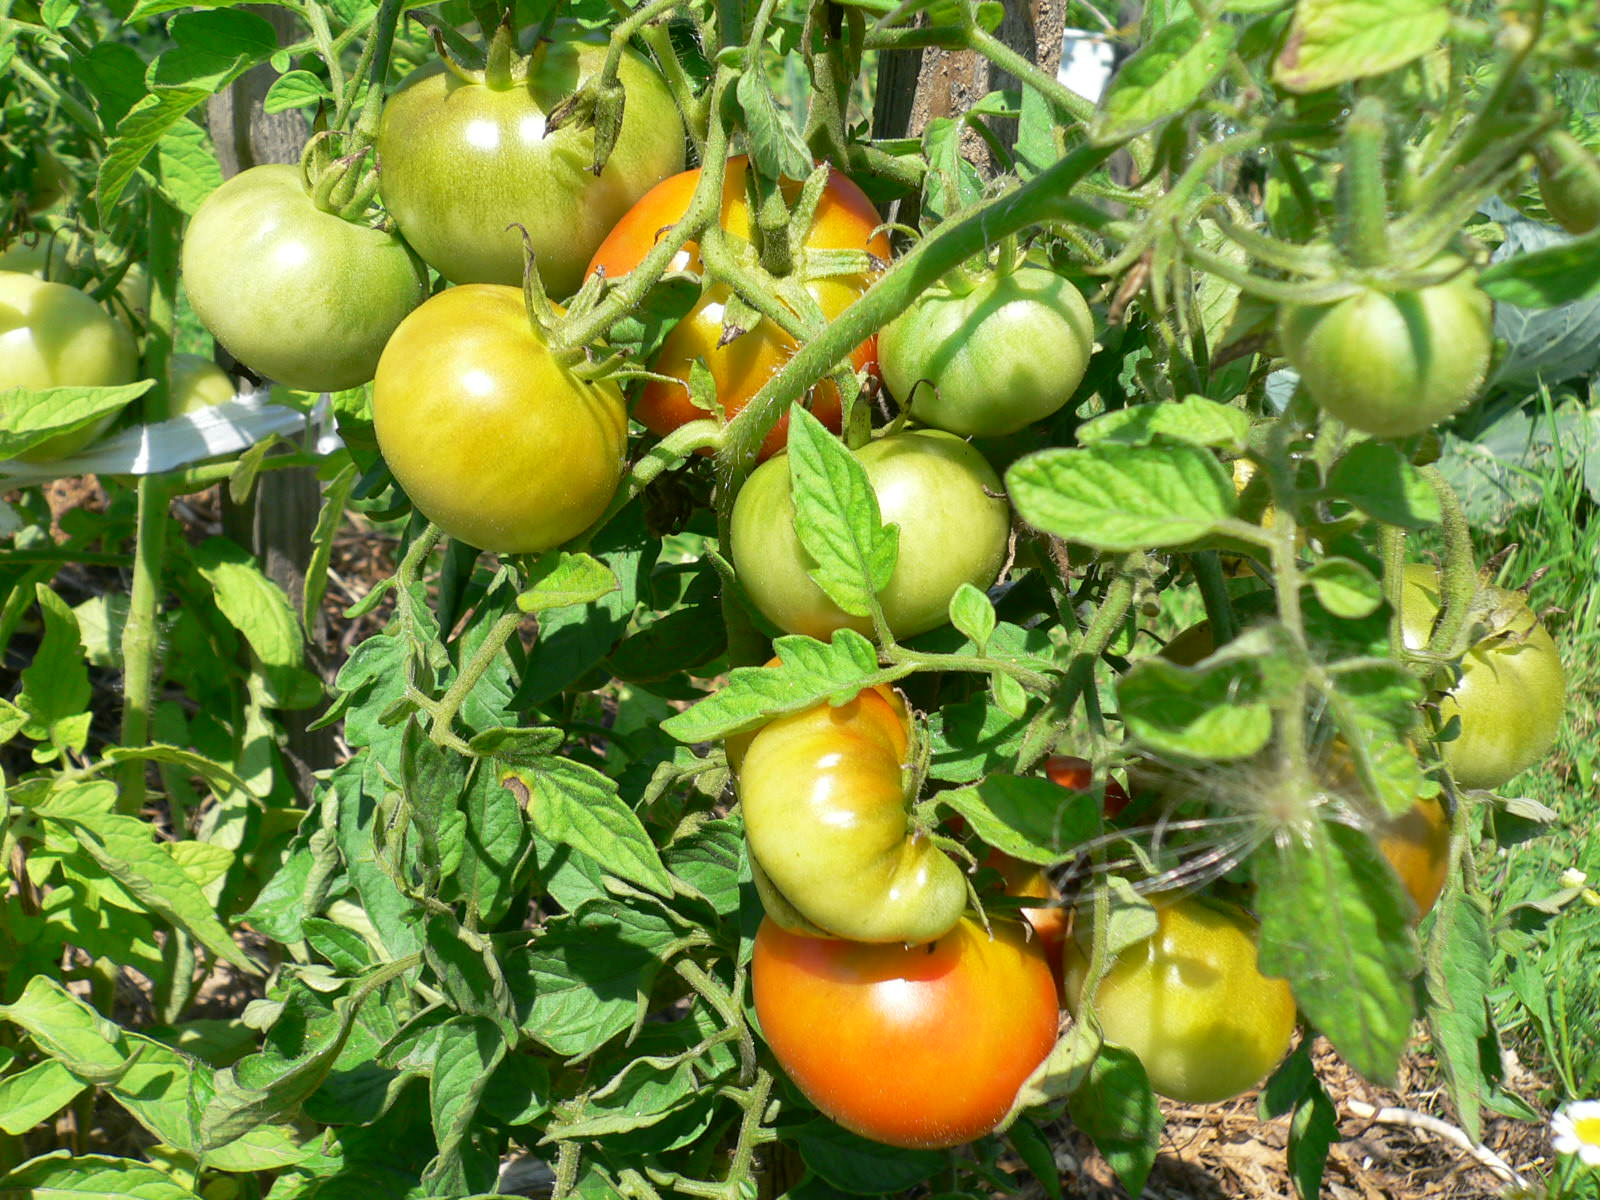 Помидоры каспар – отличный выбор для летних салатов и зимних запасов